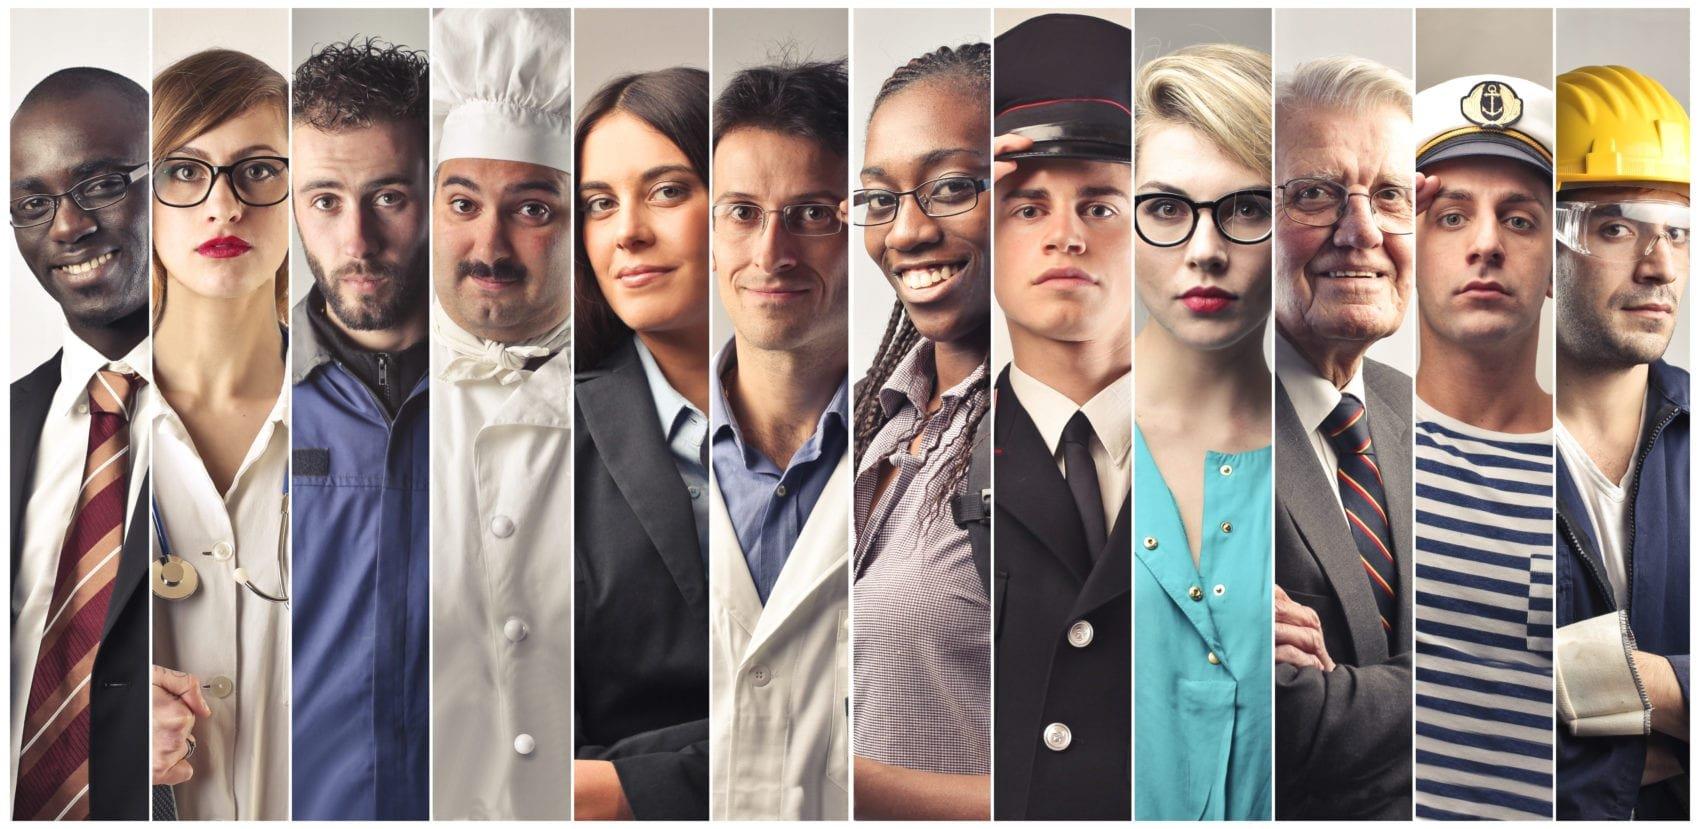 рейтинг професій за кордоном, робота за кордоном зі знанням англійської мови, працевлаштування за кордоном